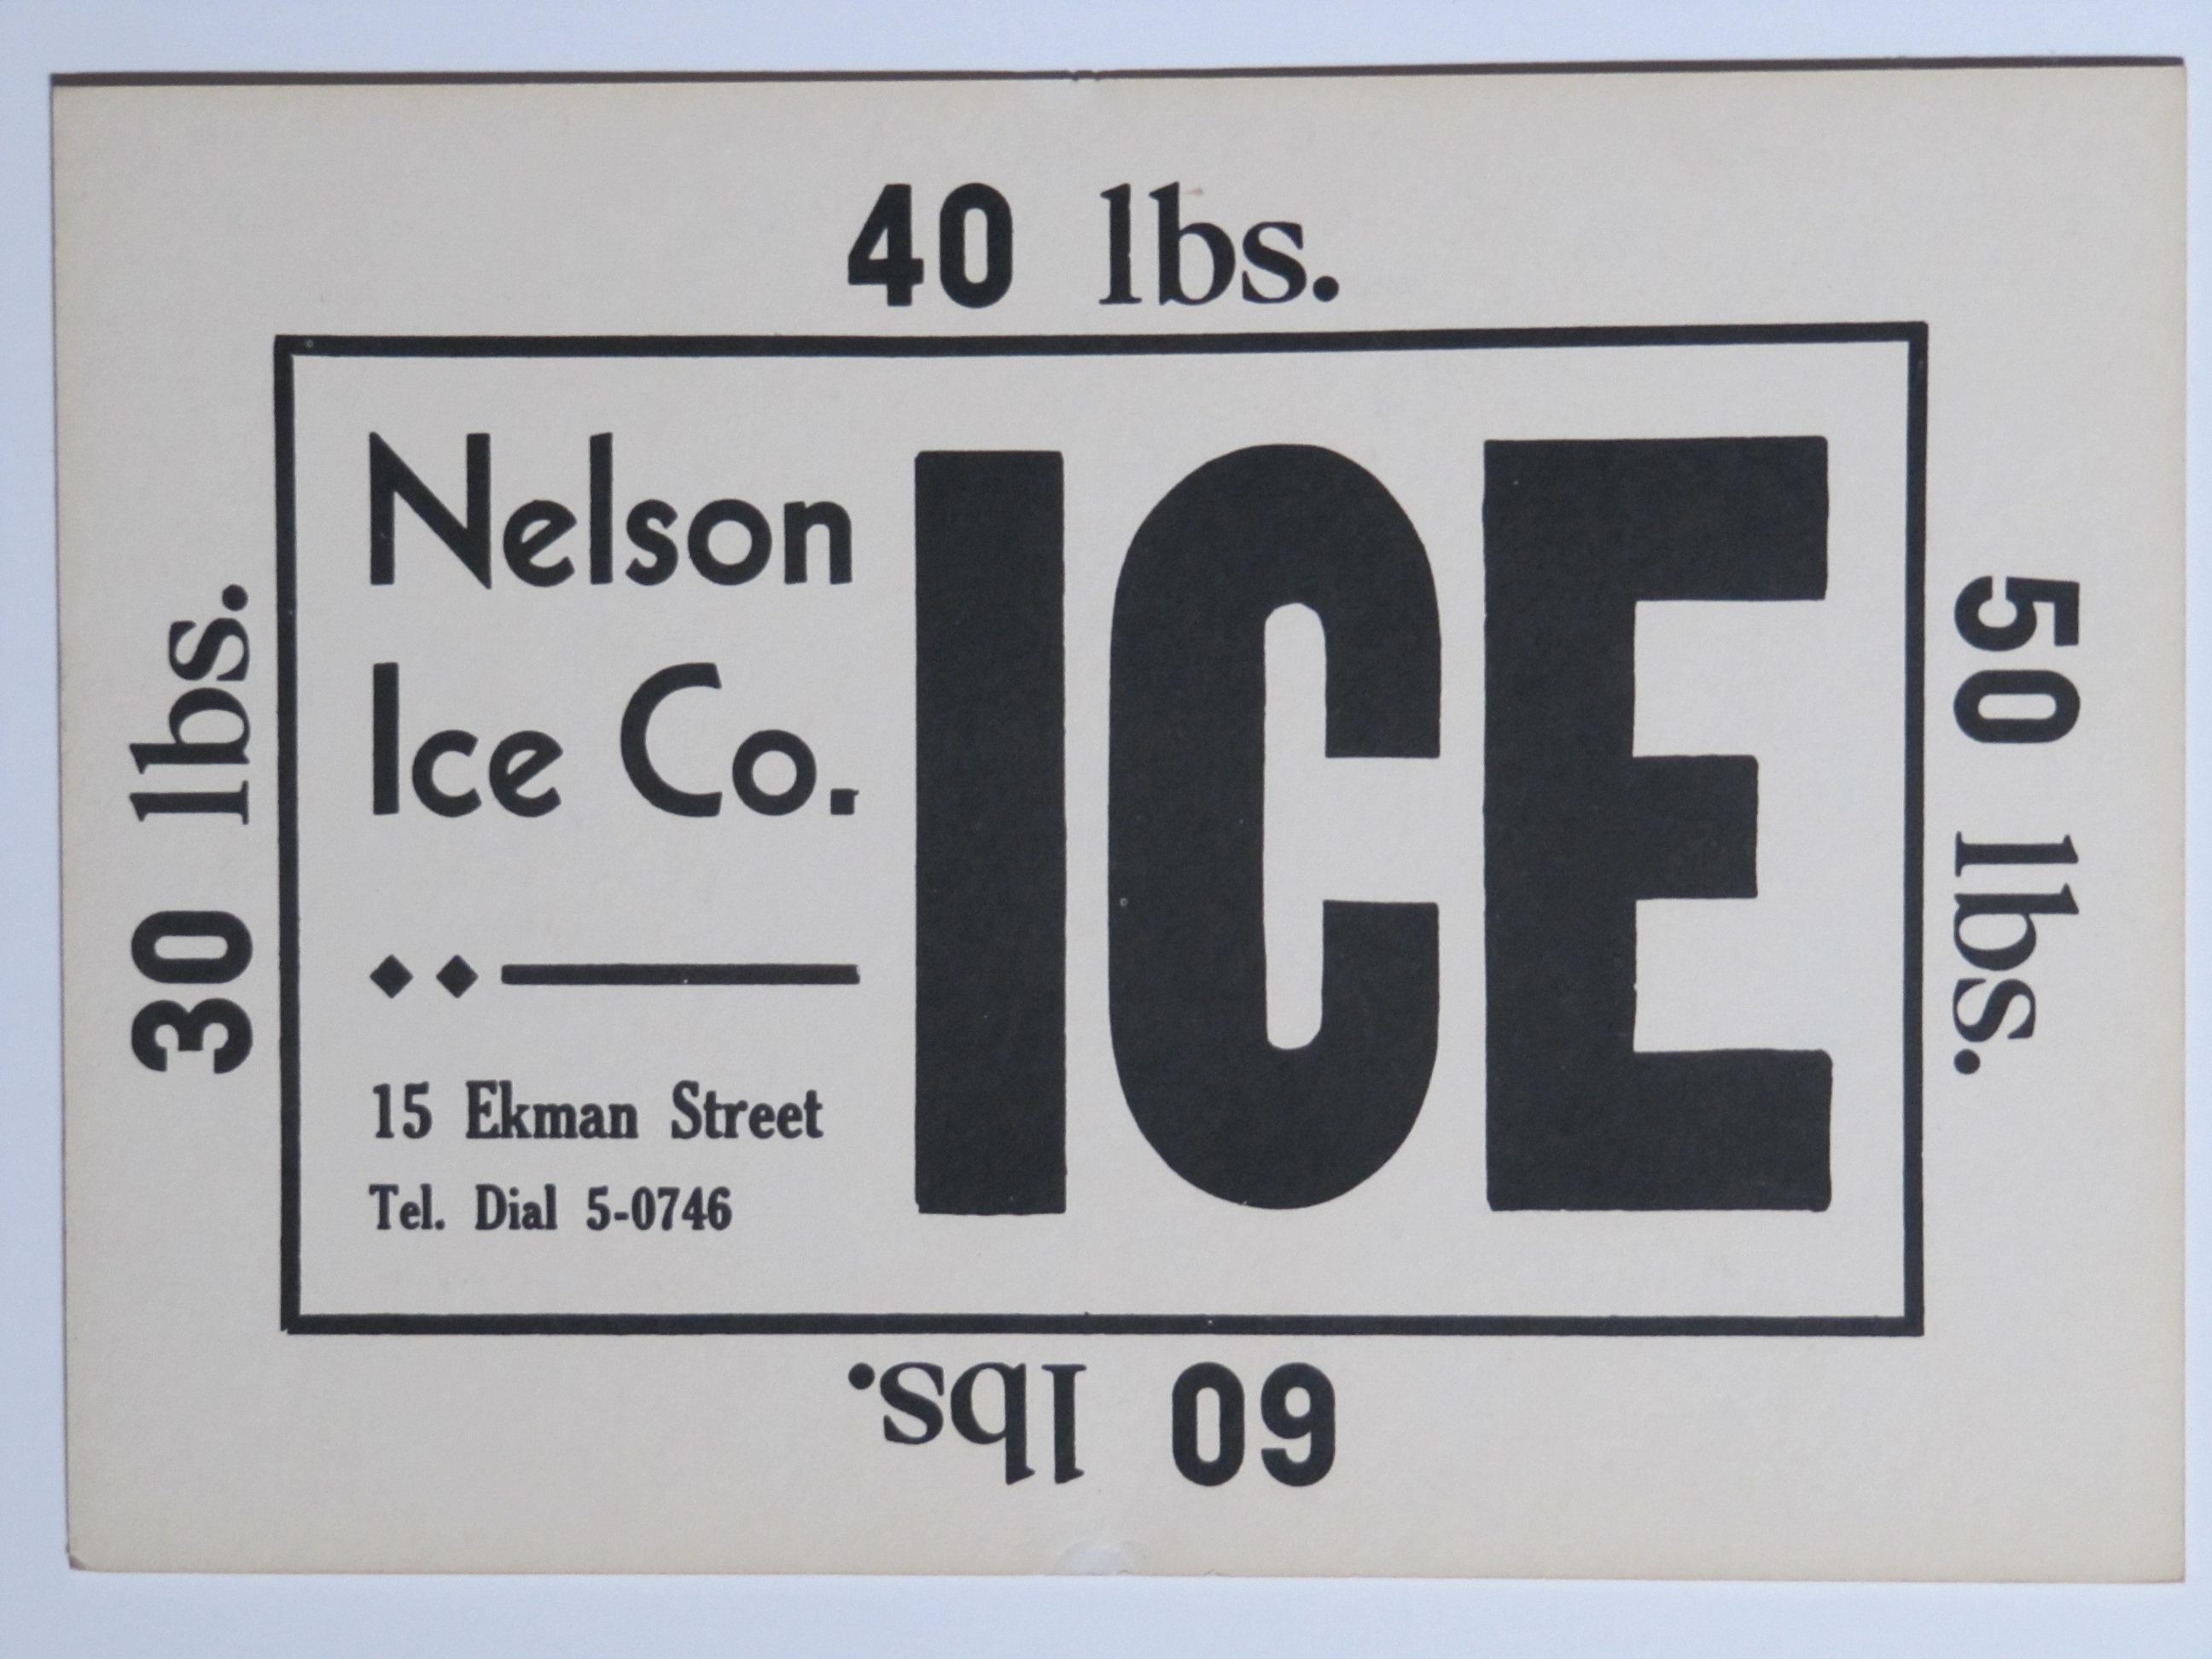 Nelson Ice